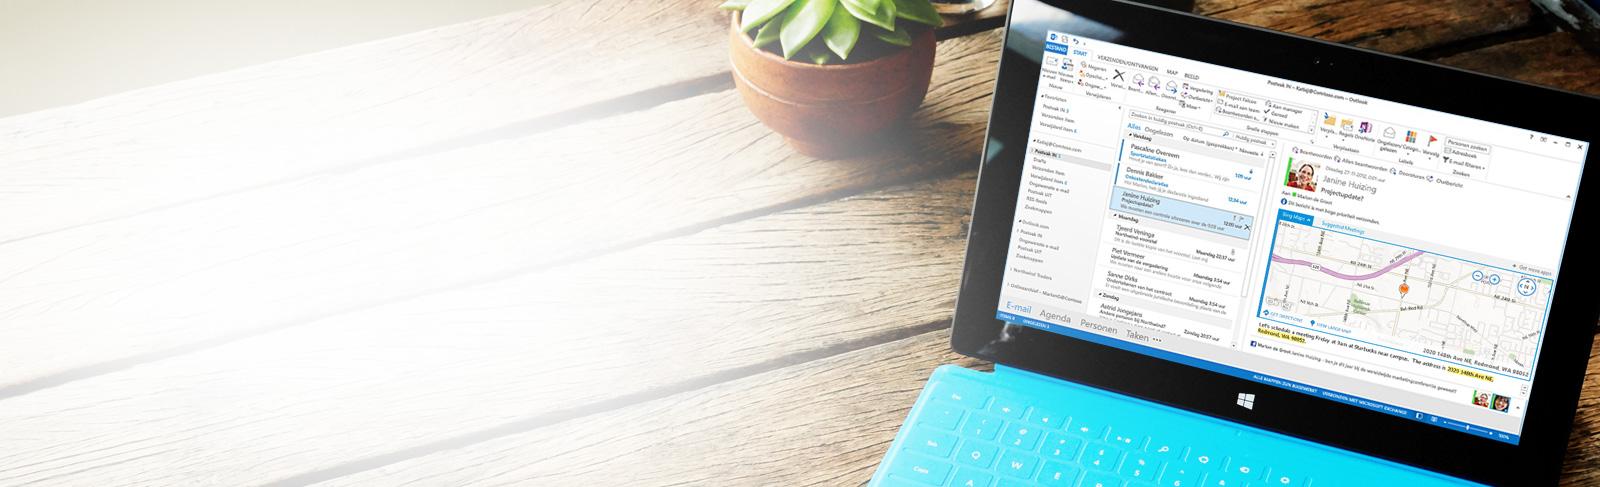 Een tablet met een Microsoft Outlook 2013-postvak met berichtenlijst en voorbeeldweergave.